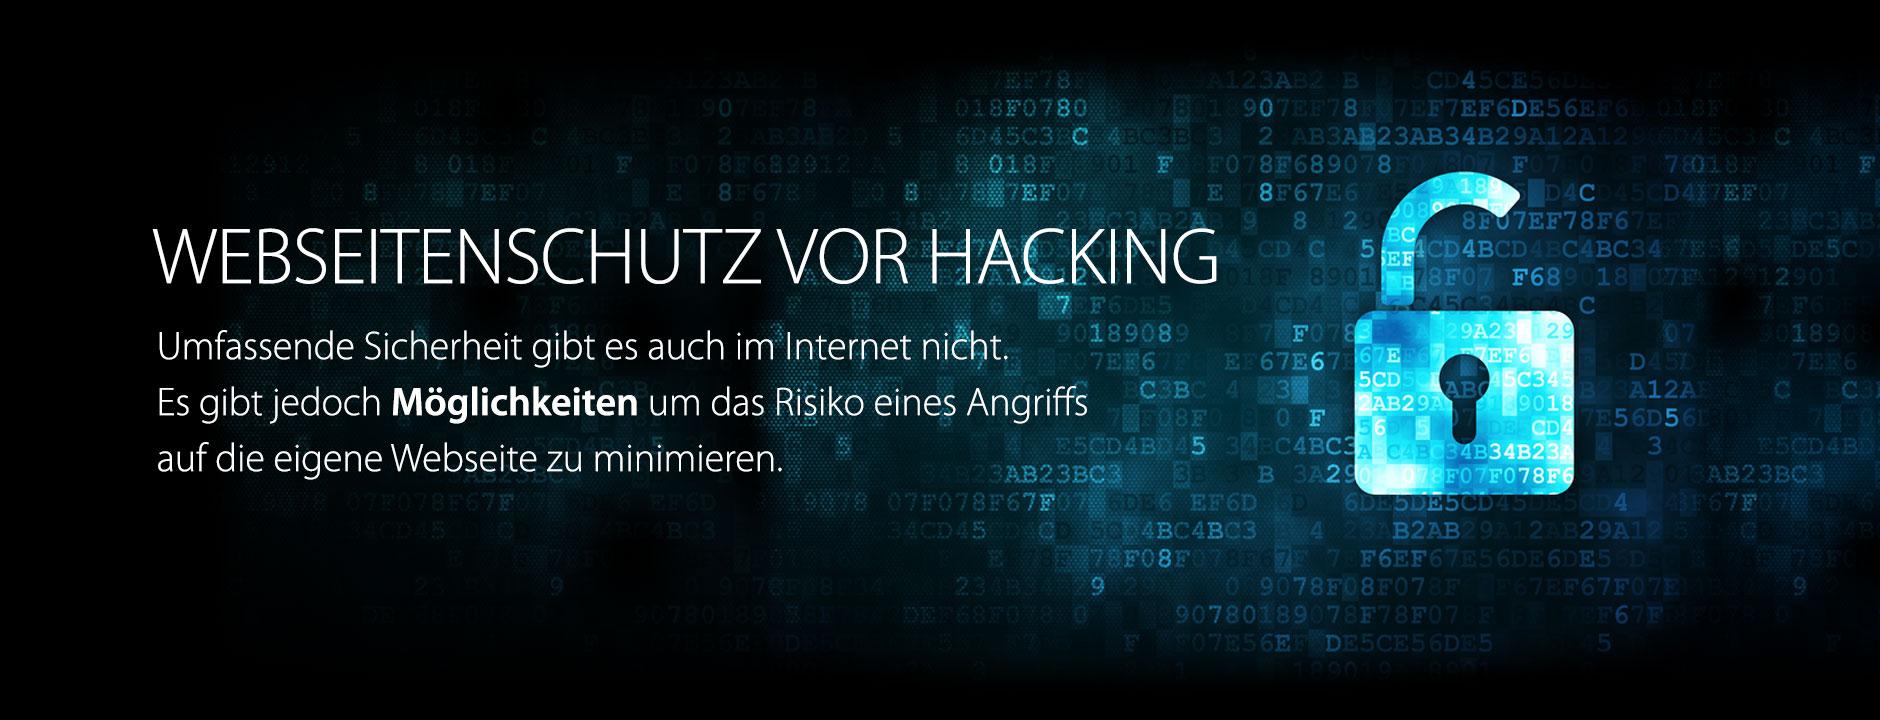 Webseitenschutz vor Hacking